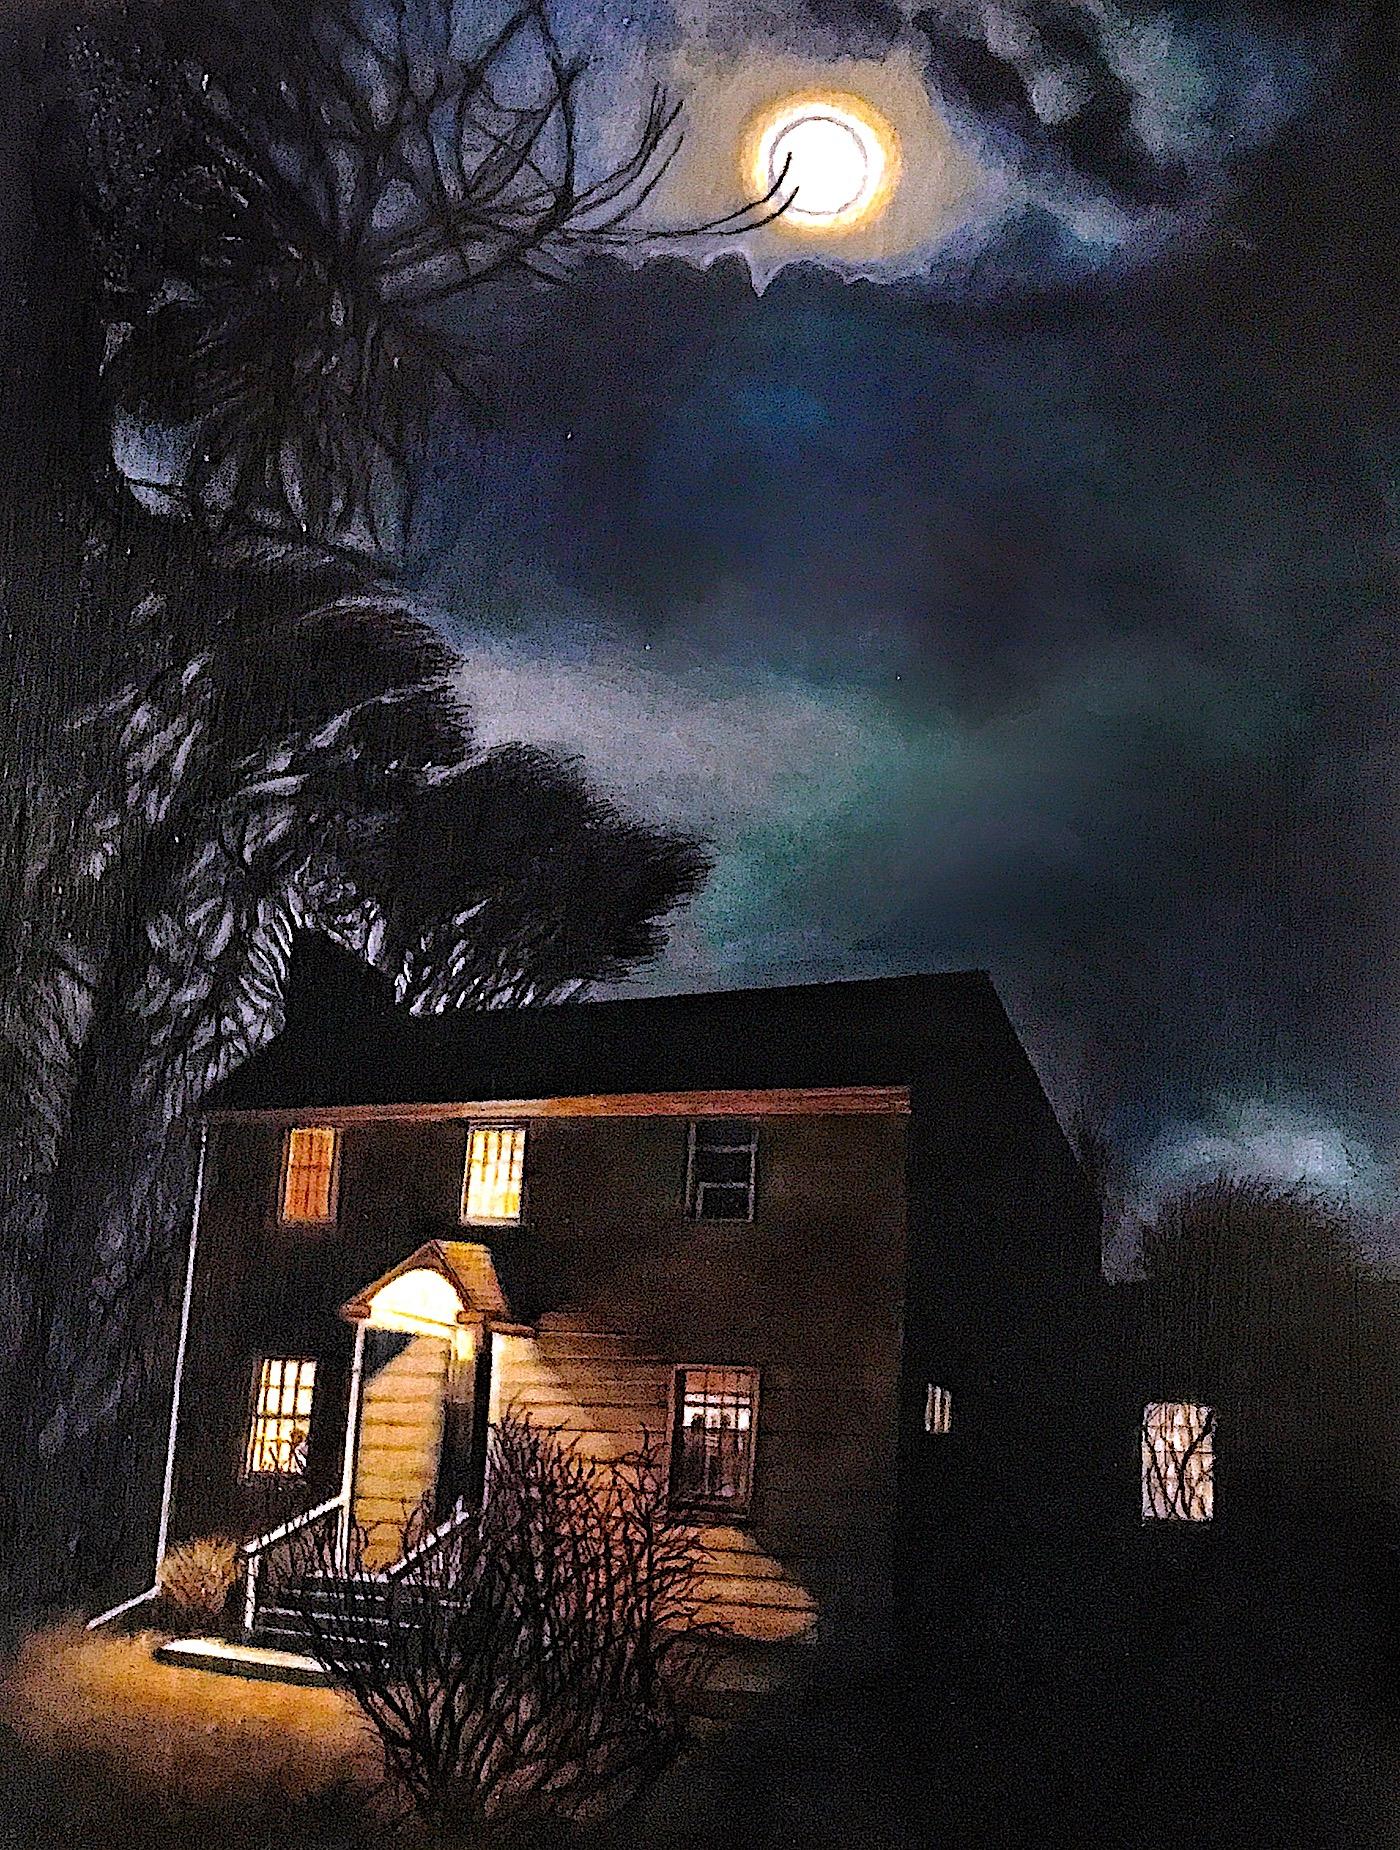 The Kaufman House